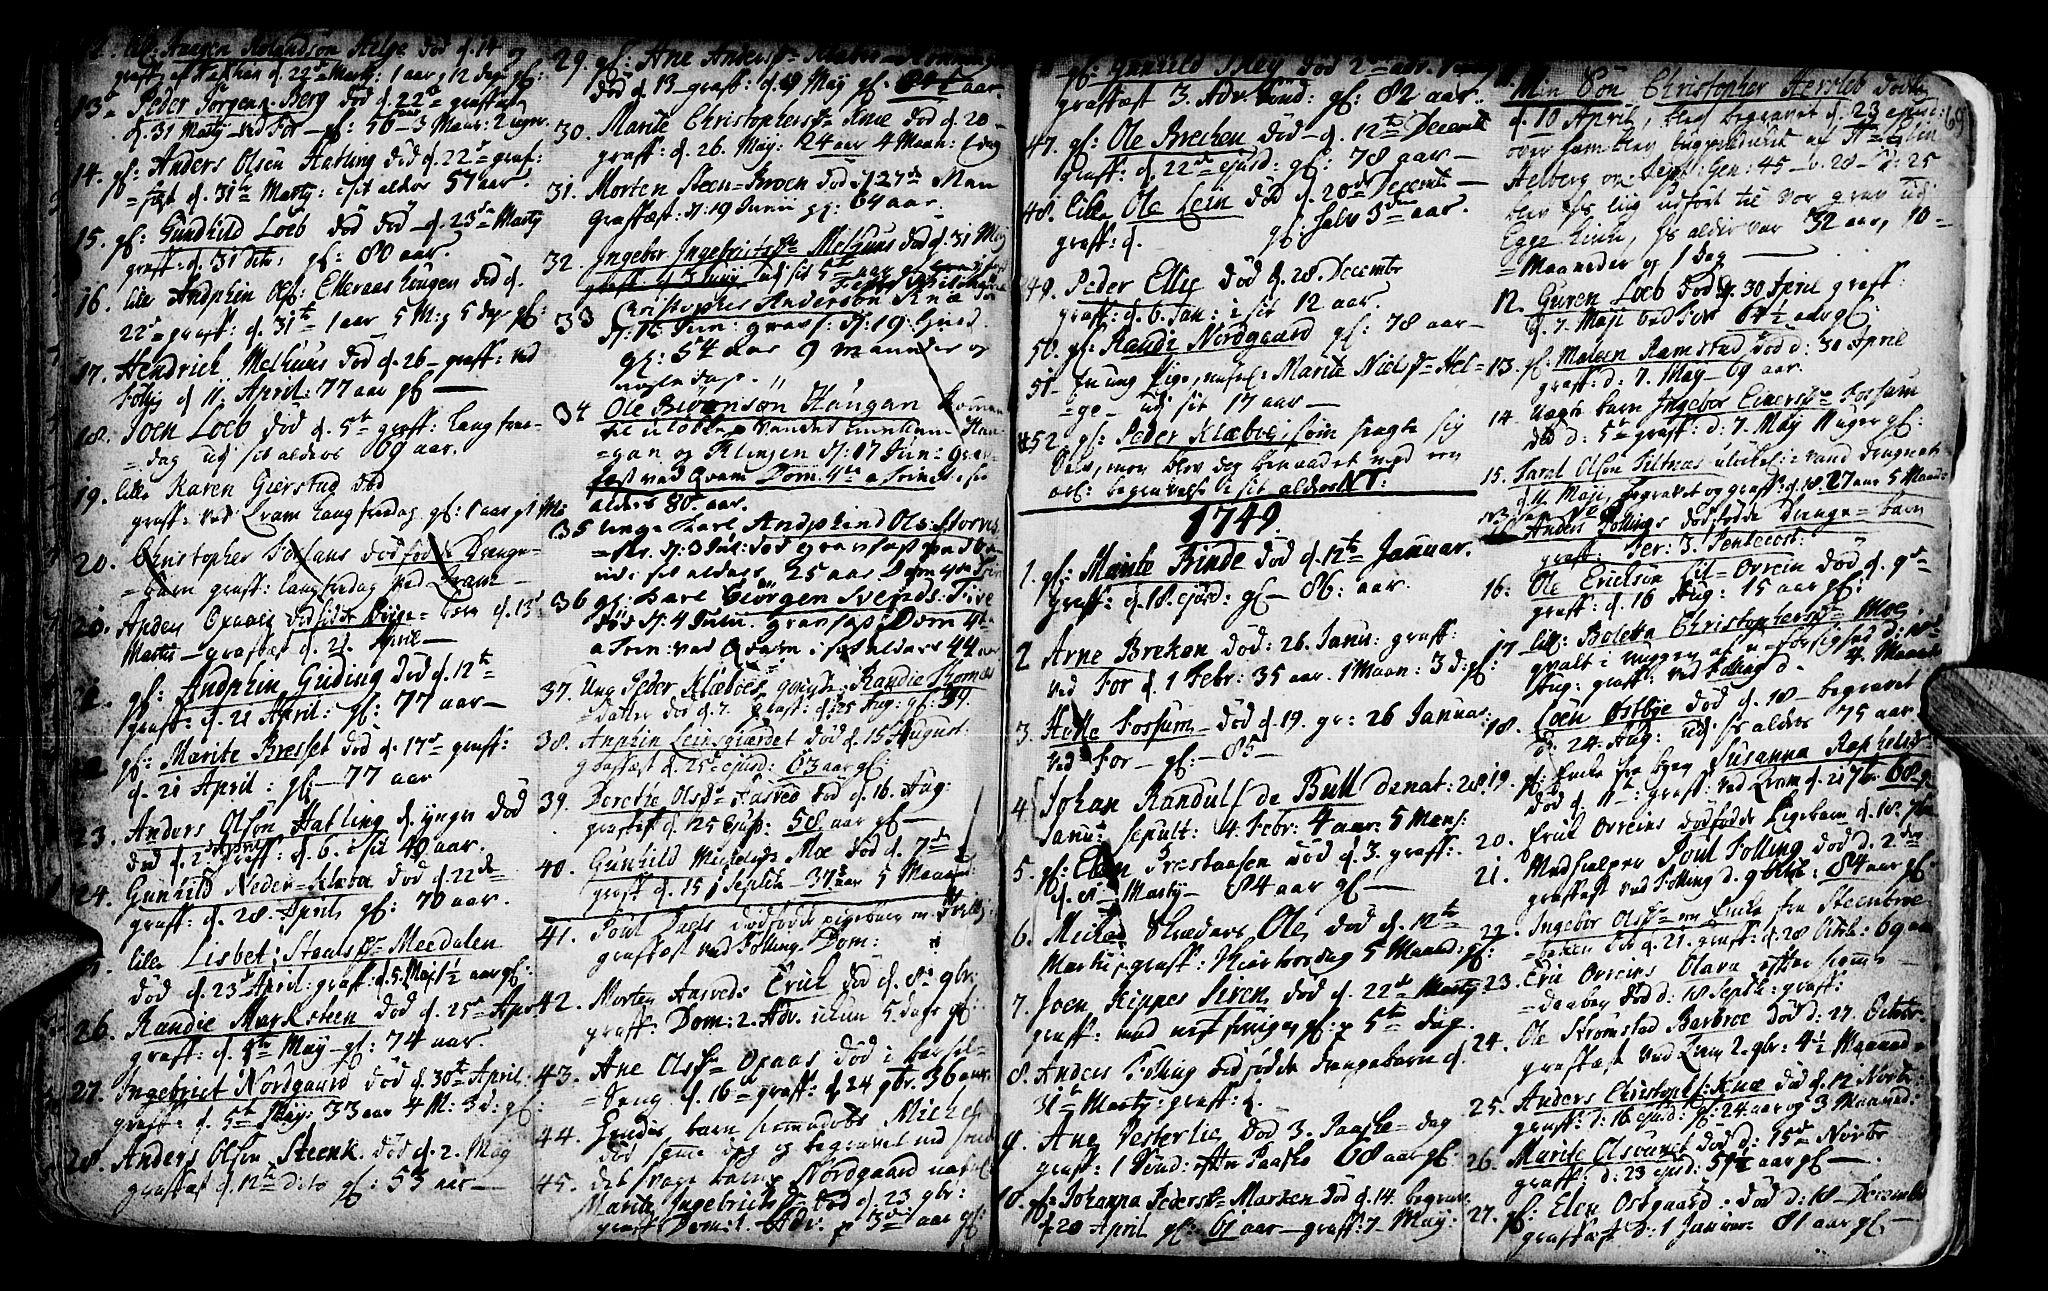 SAT, Ministerialprotokoller, klokkerbøker og fødselsregistre - Nord-Trøndelag, 746/L0439: Ministerialbok nr. 746A01, 1688-1759, s. 69